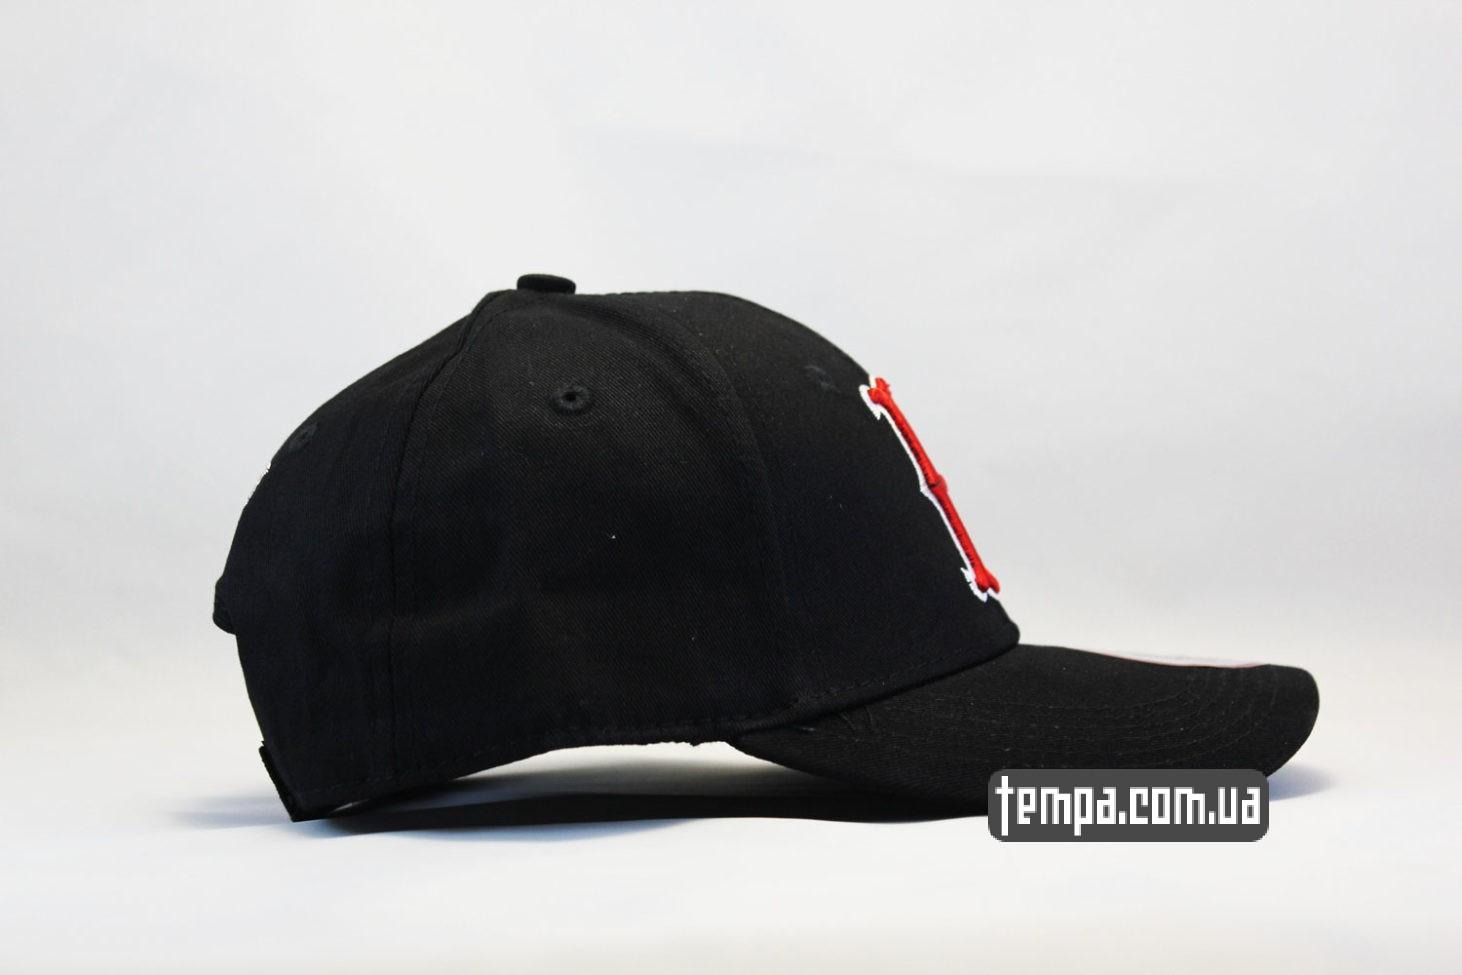 украина купить кепка New Era Boston Red Sox бейсболка черная